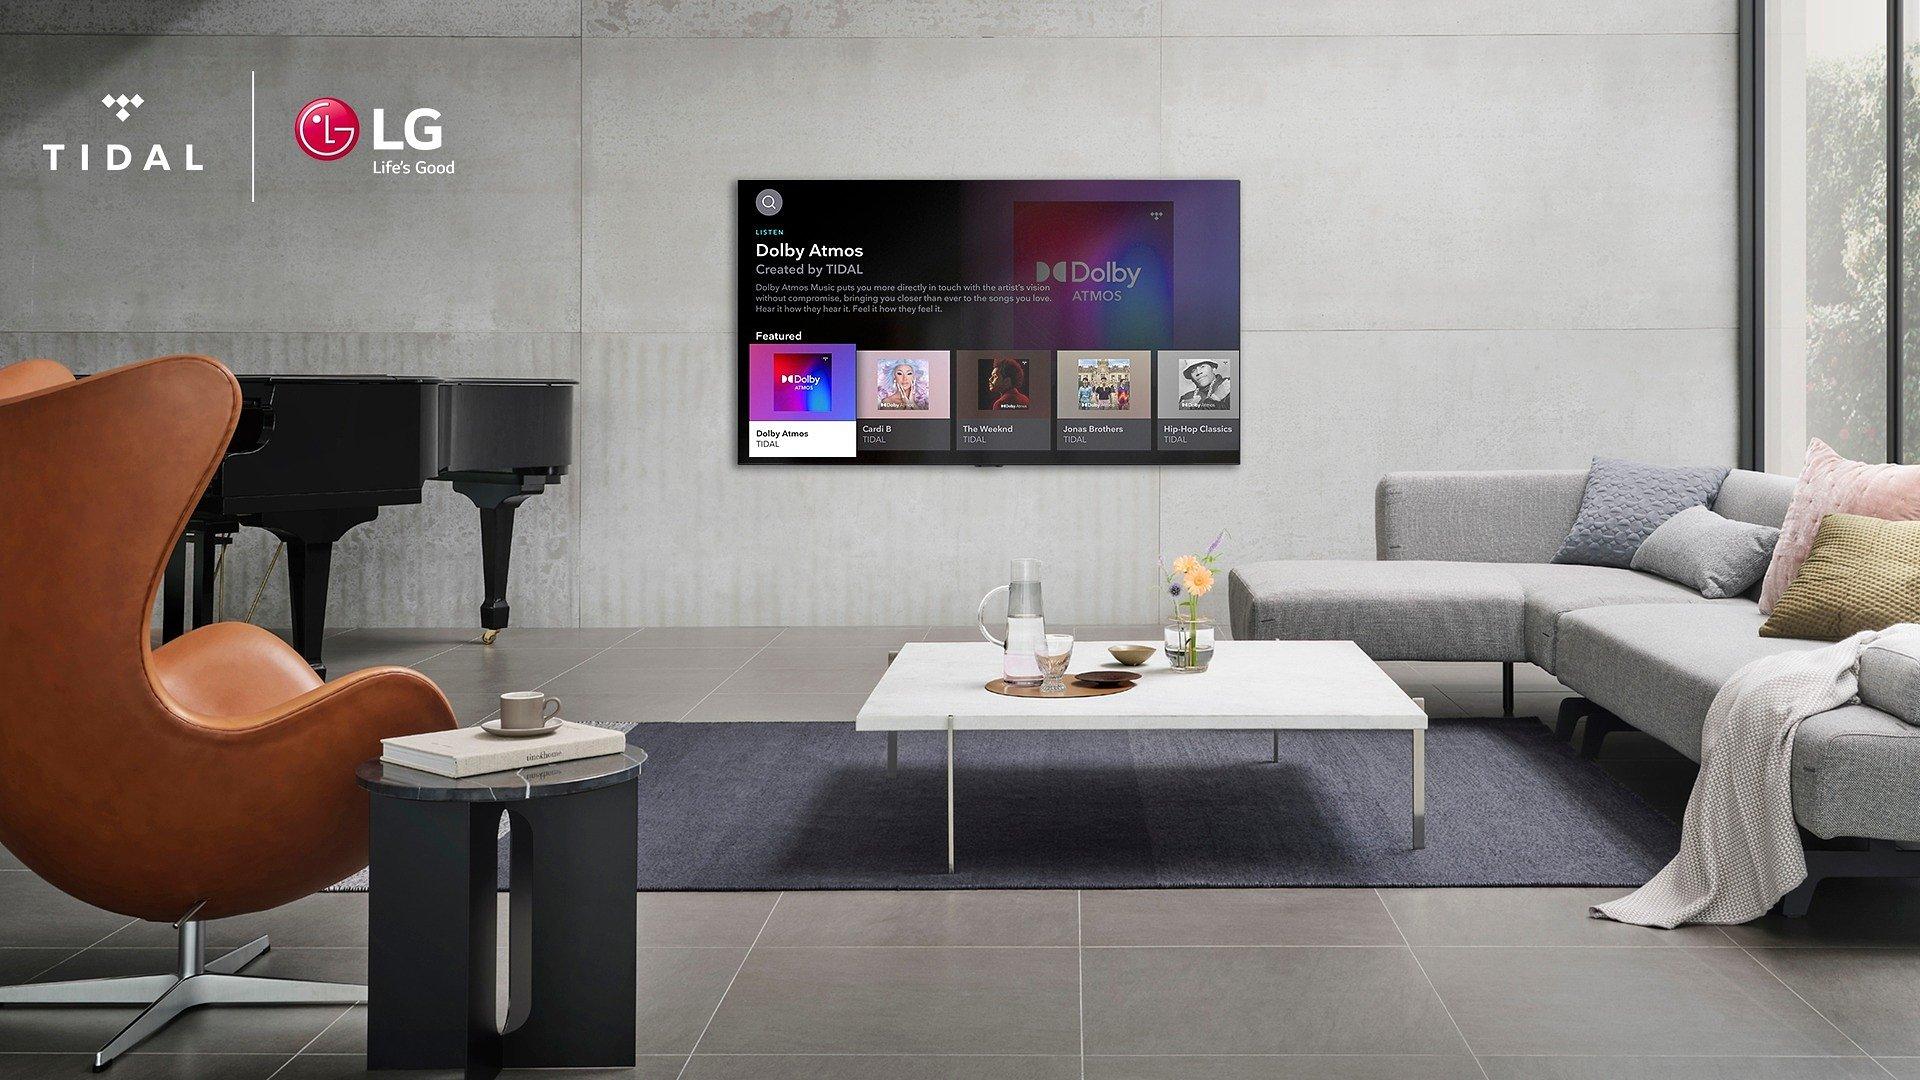 Użytkownicy telewizorów LG mają dostęp do doskonałych wrażeń muzycznych dzięki serwisowi TIDAL